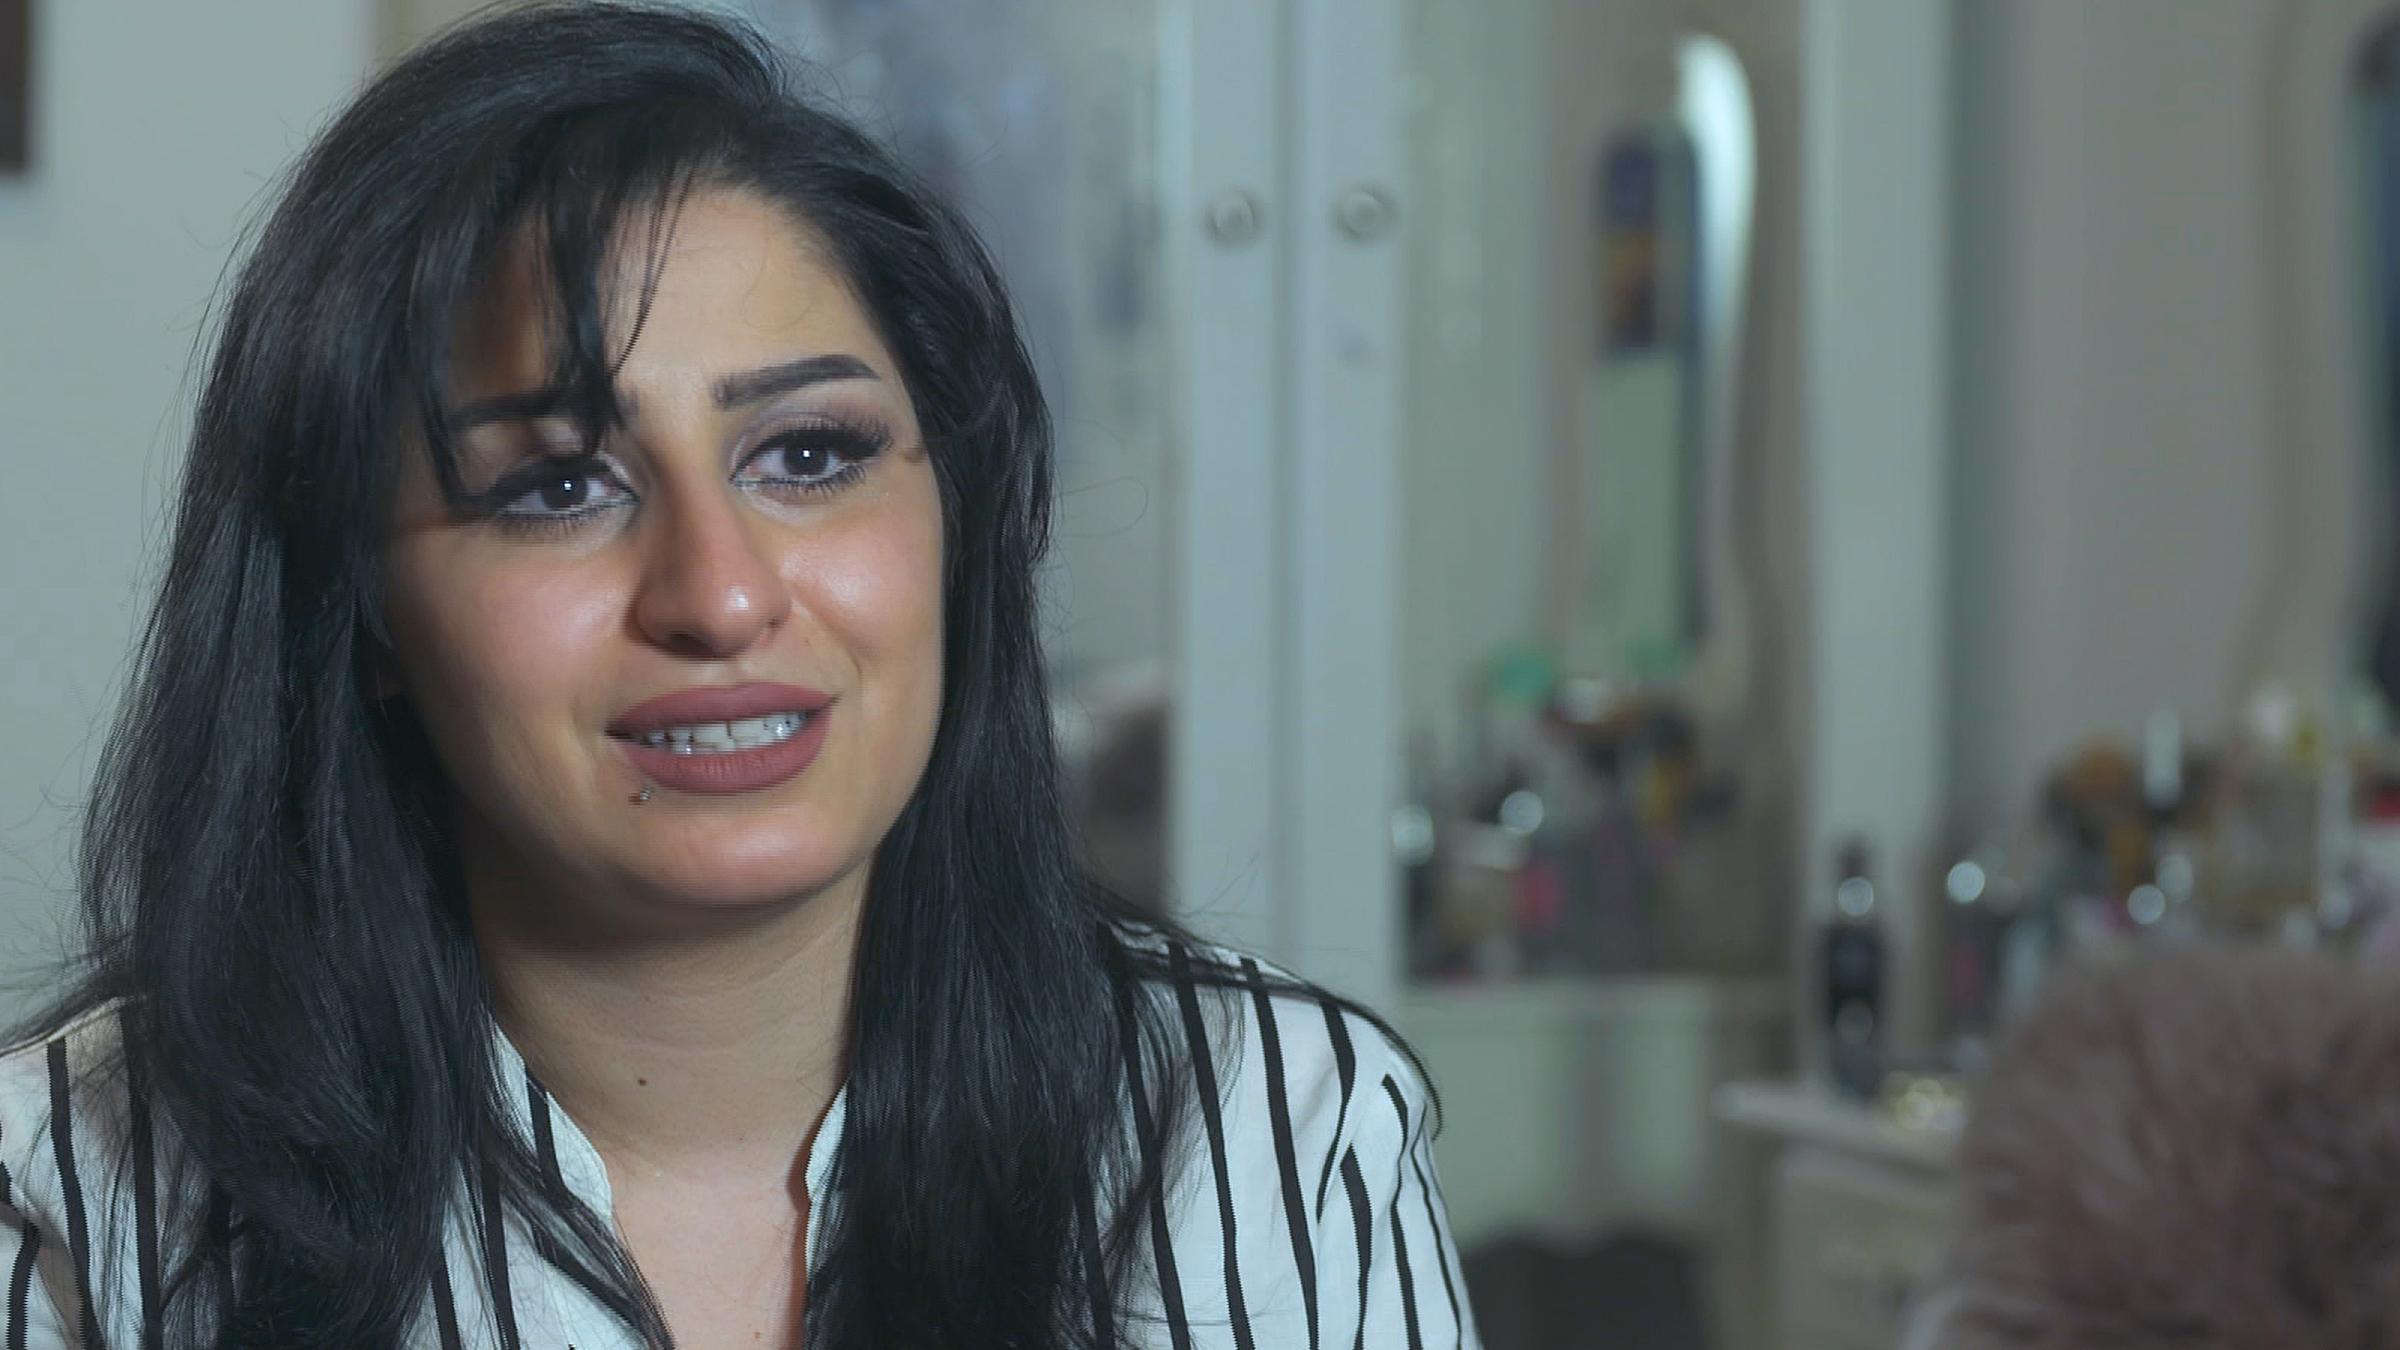 Flucht Nach Deutschland In Saudi Arabien Stehe Ich Auf Einer